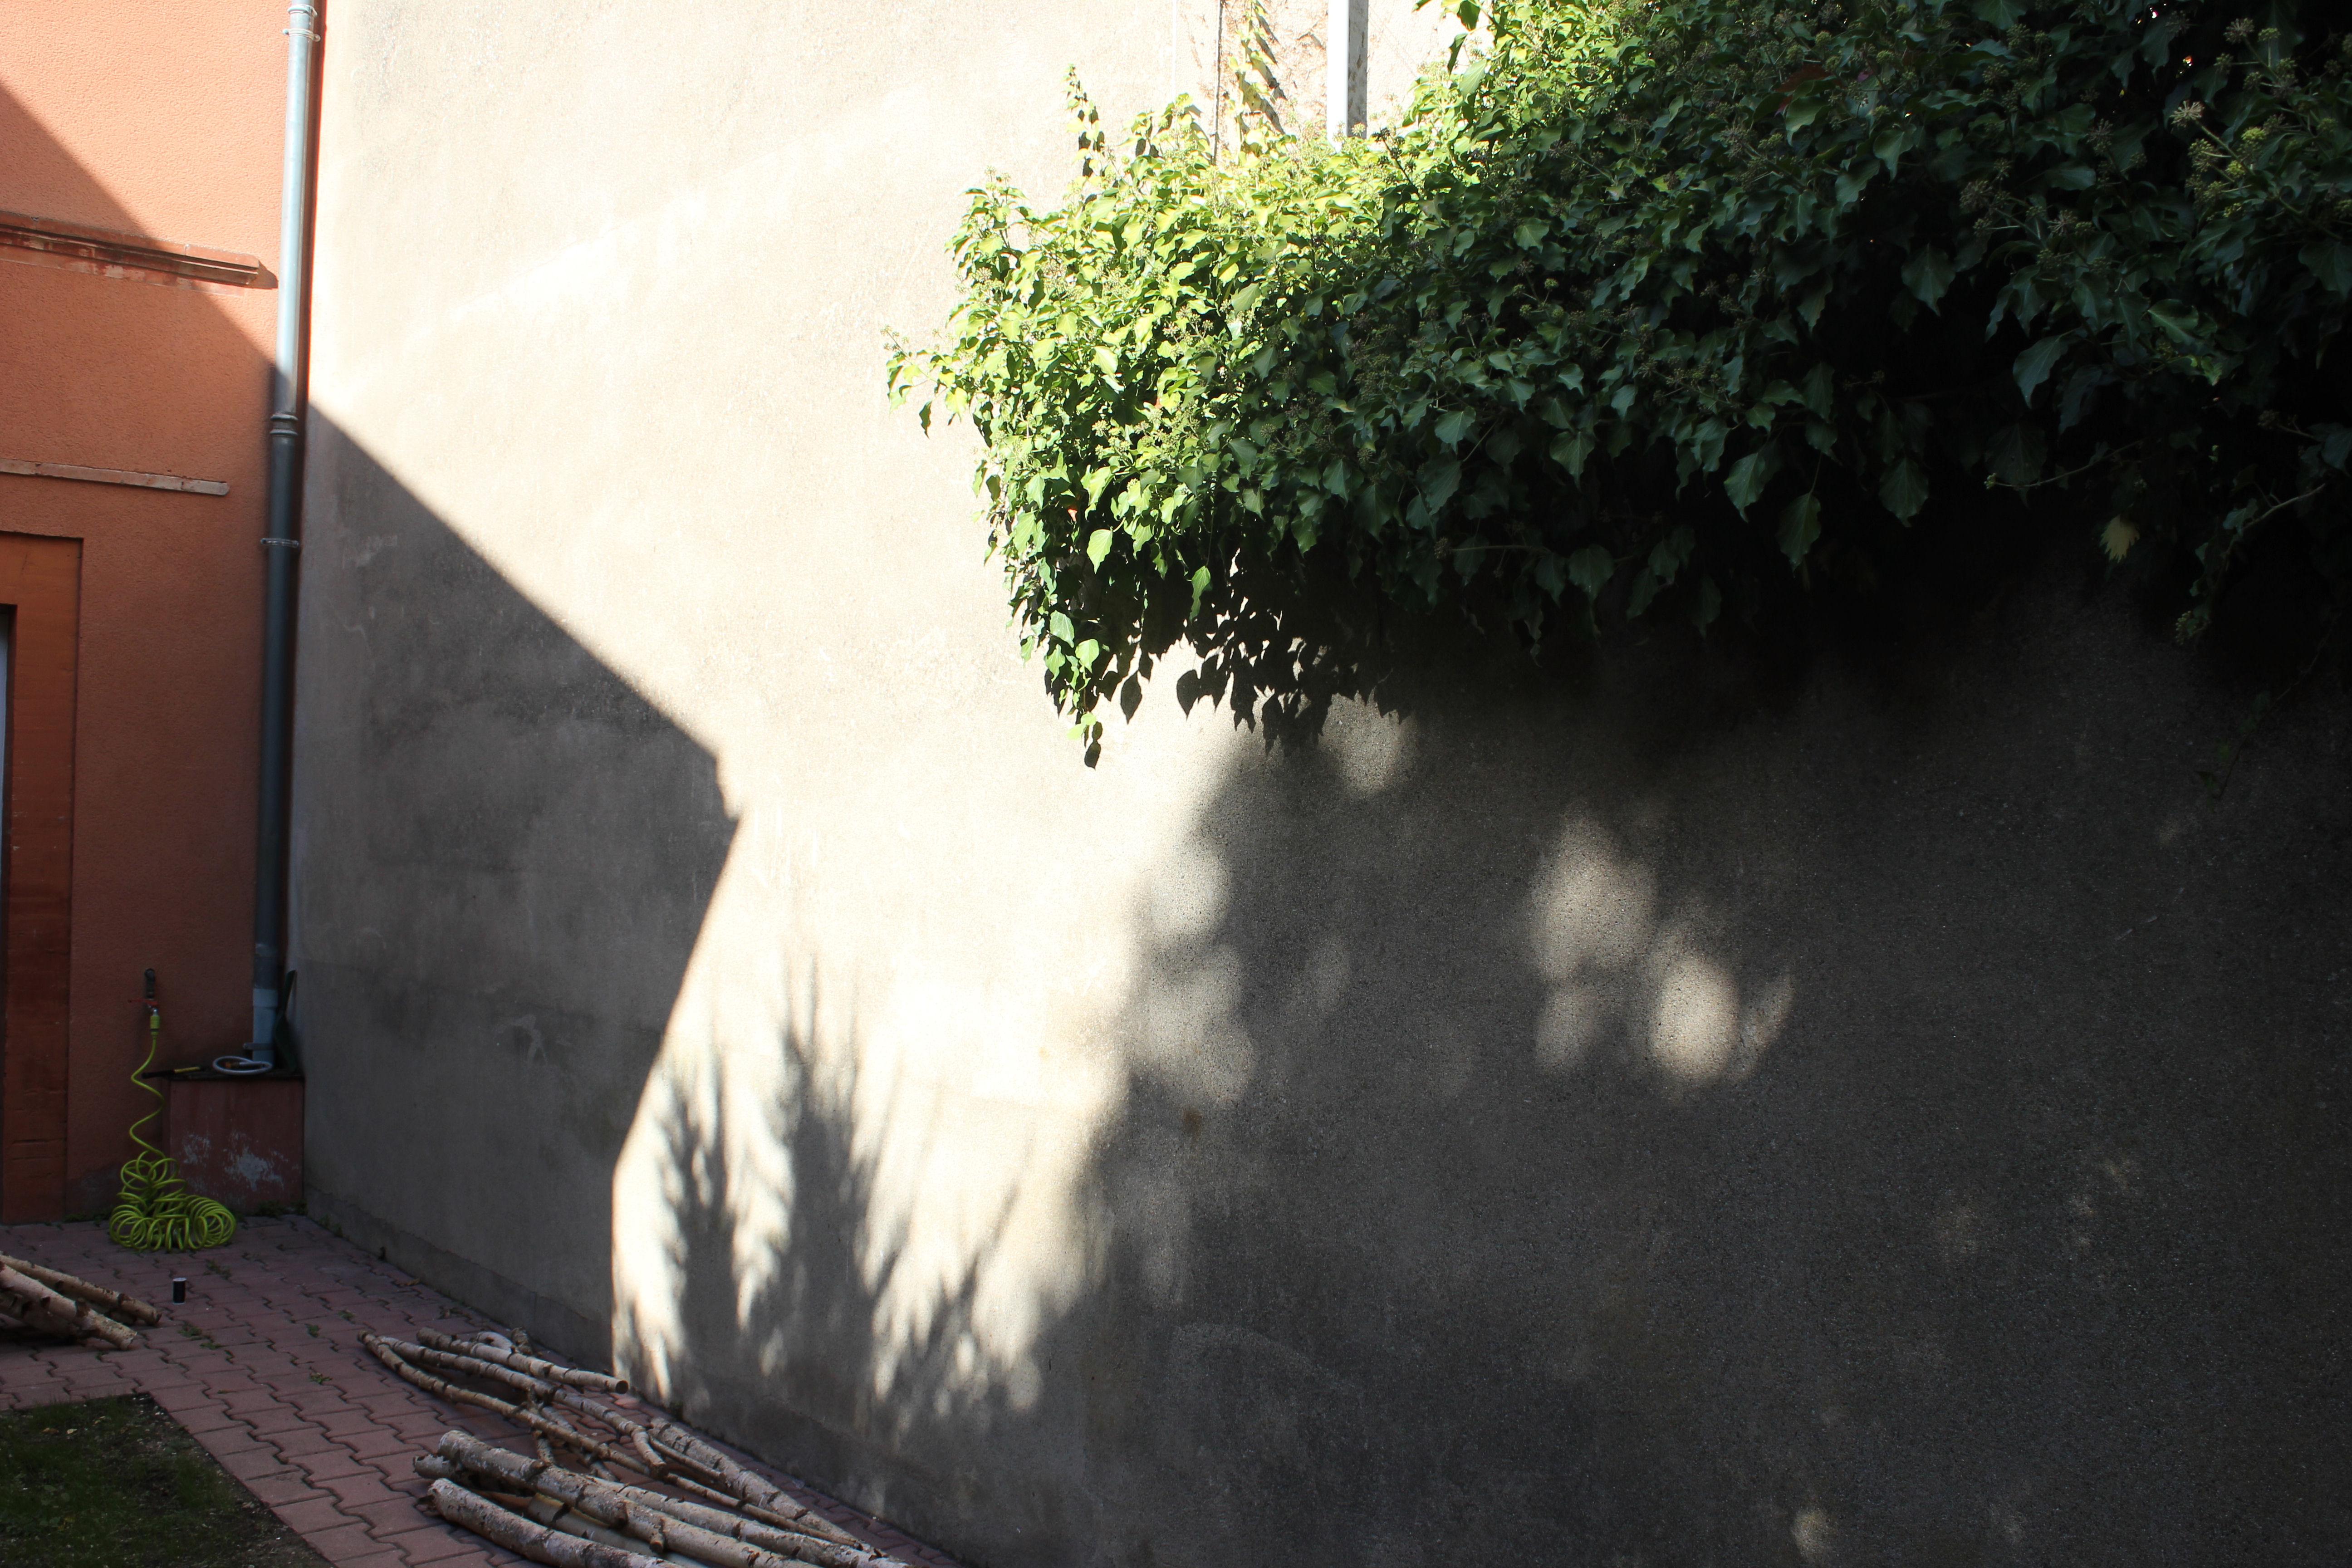 comment accrocher une guirlande lumineuse au mur exterieur. stunning